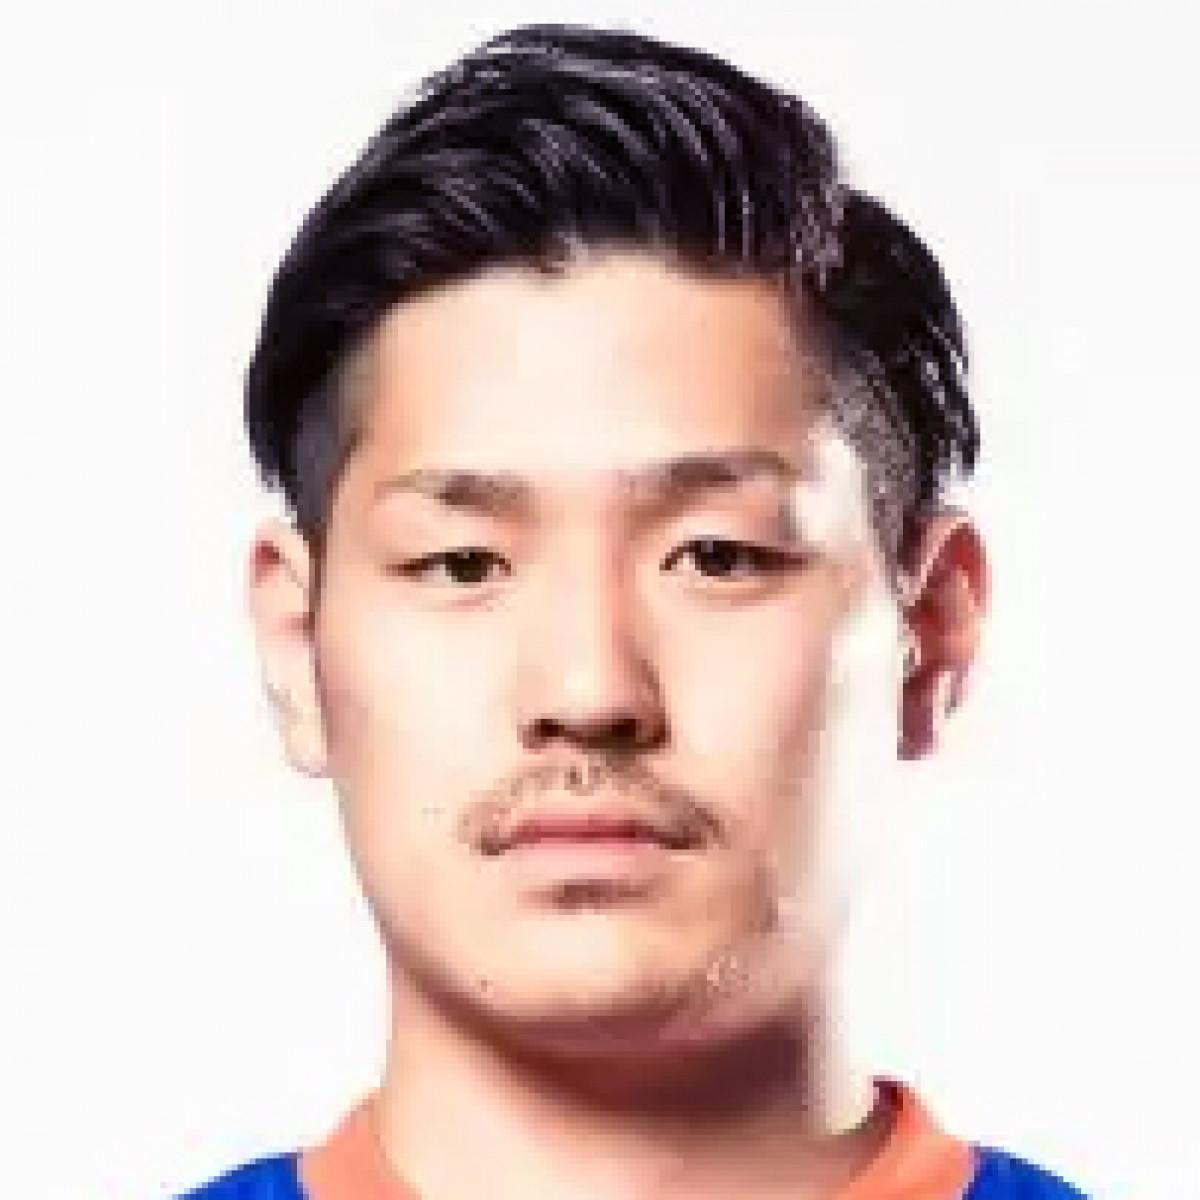 Kohei Fukuzawa